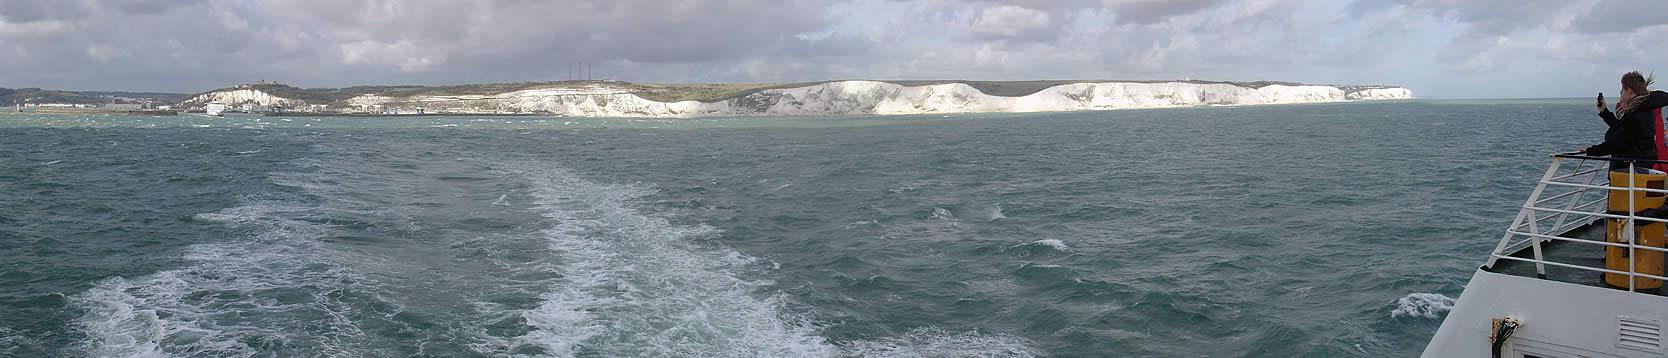 panorama-whitecliffsofdover-19oktober2006